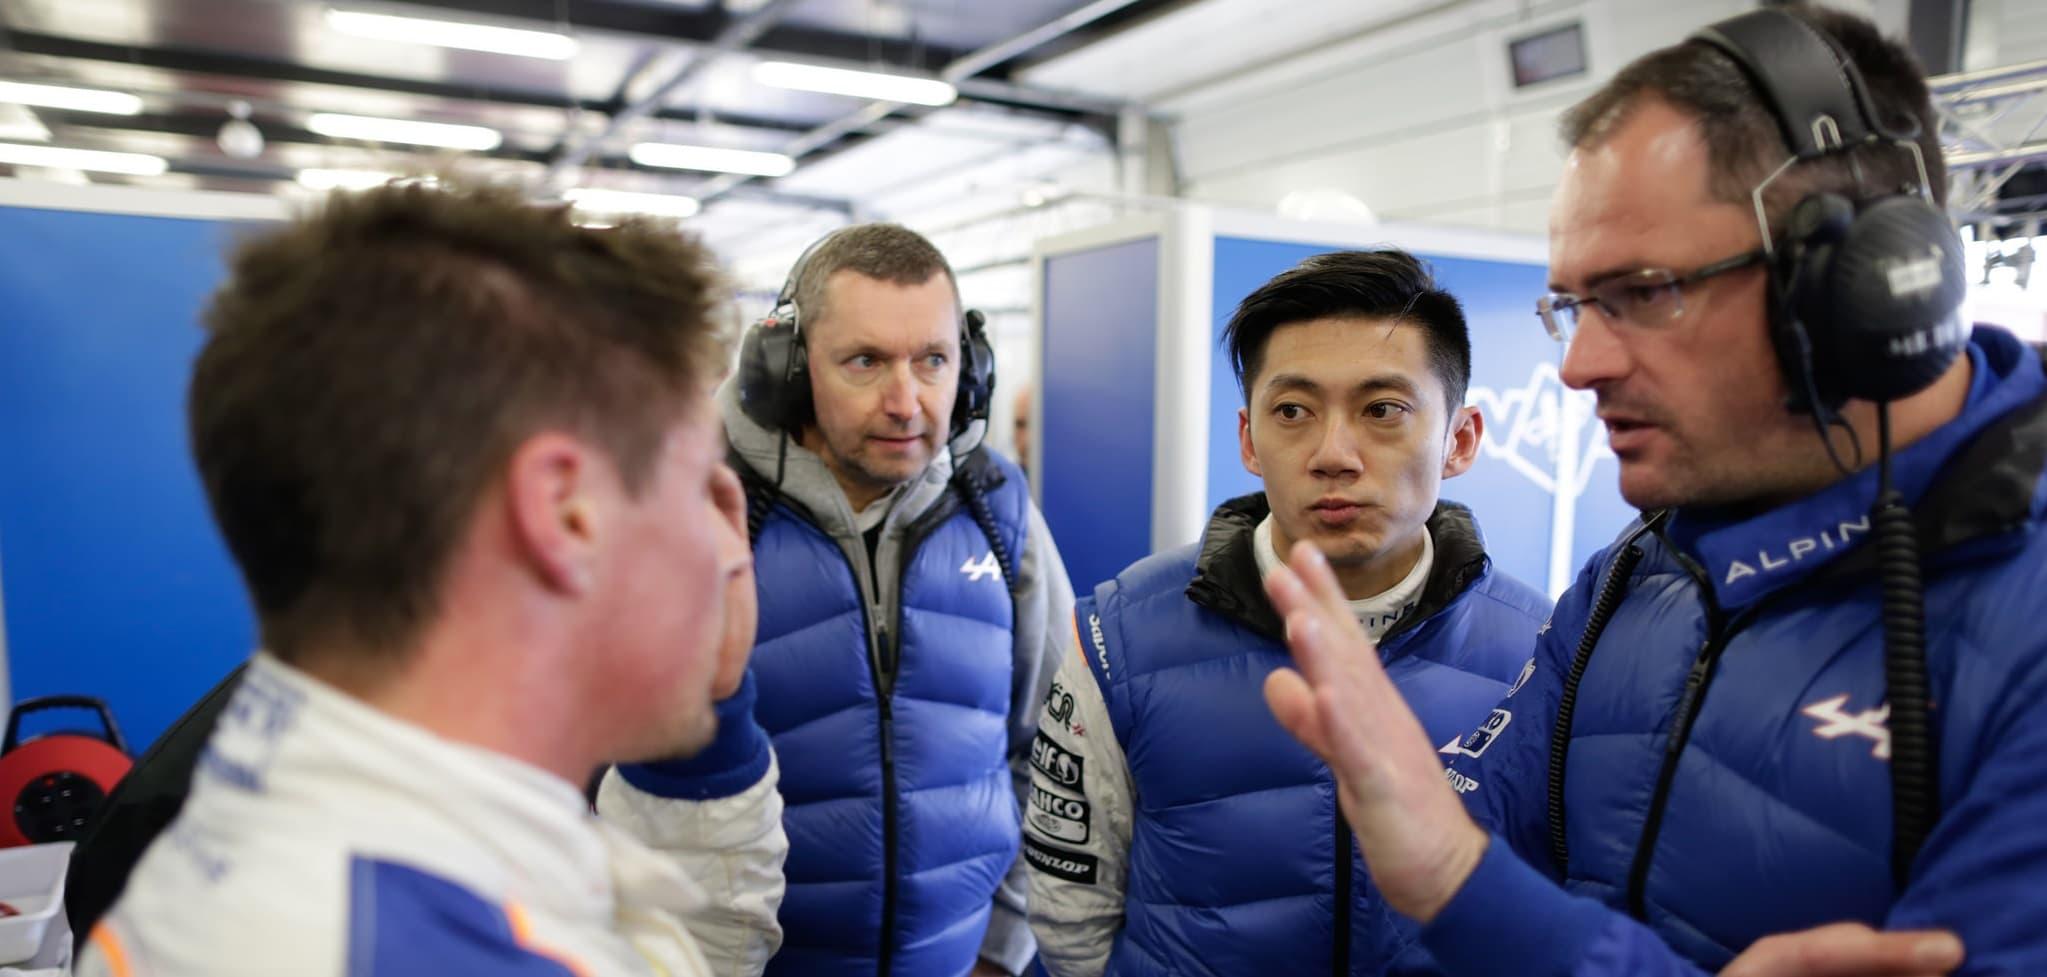 Nelson Panciatici et Ho-Pin Tung en débriefing lors des 6 Heures de Silverstone en WEC